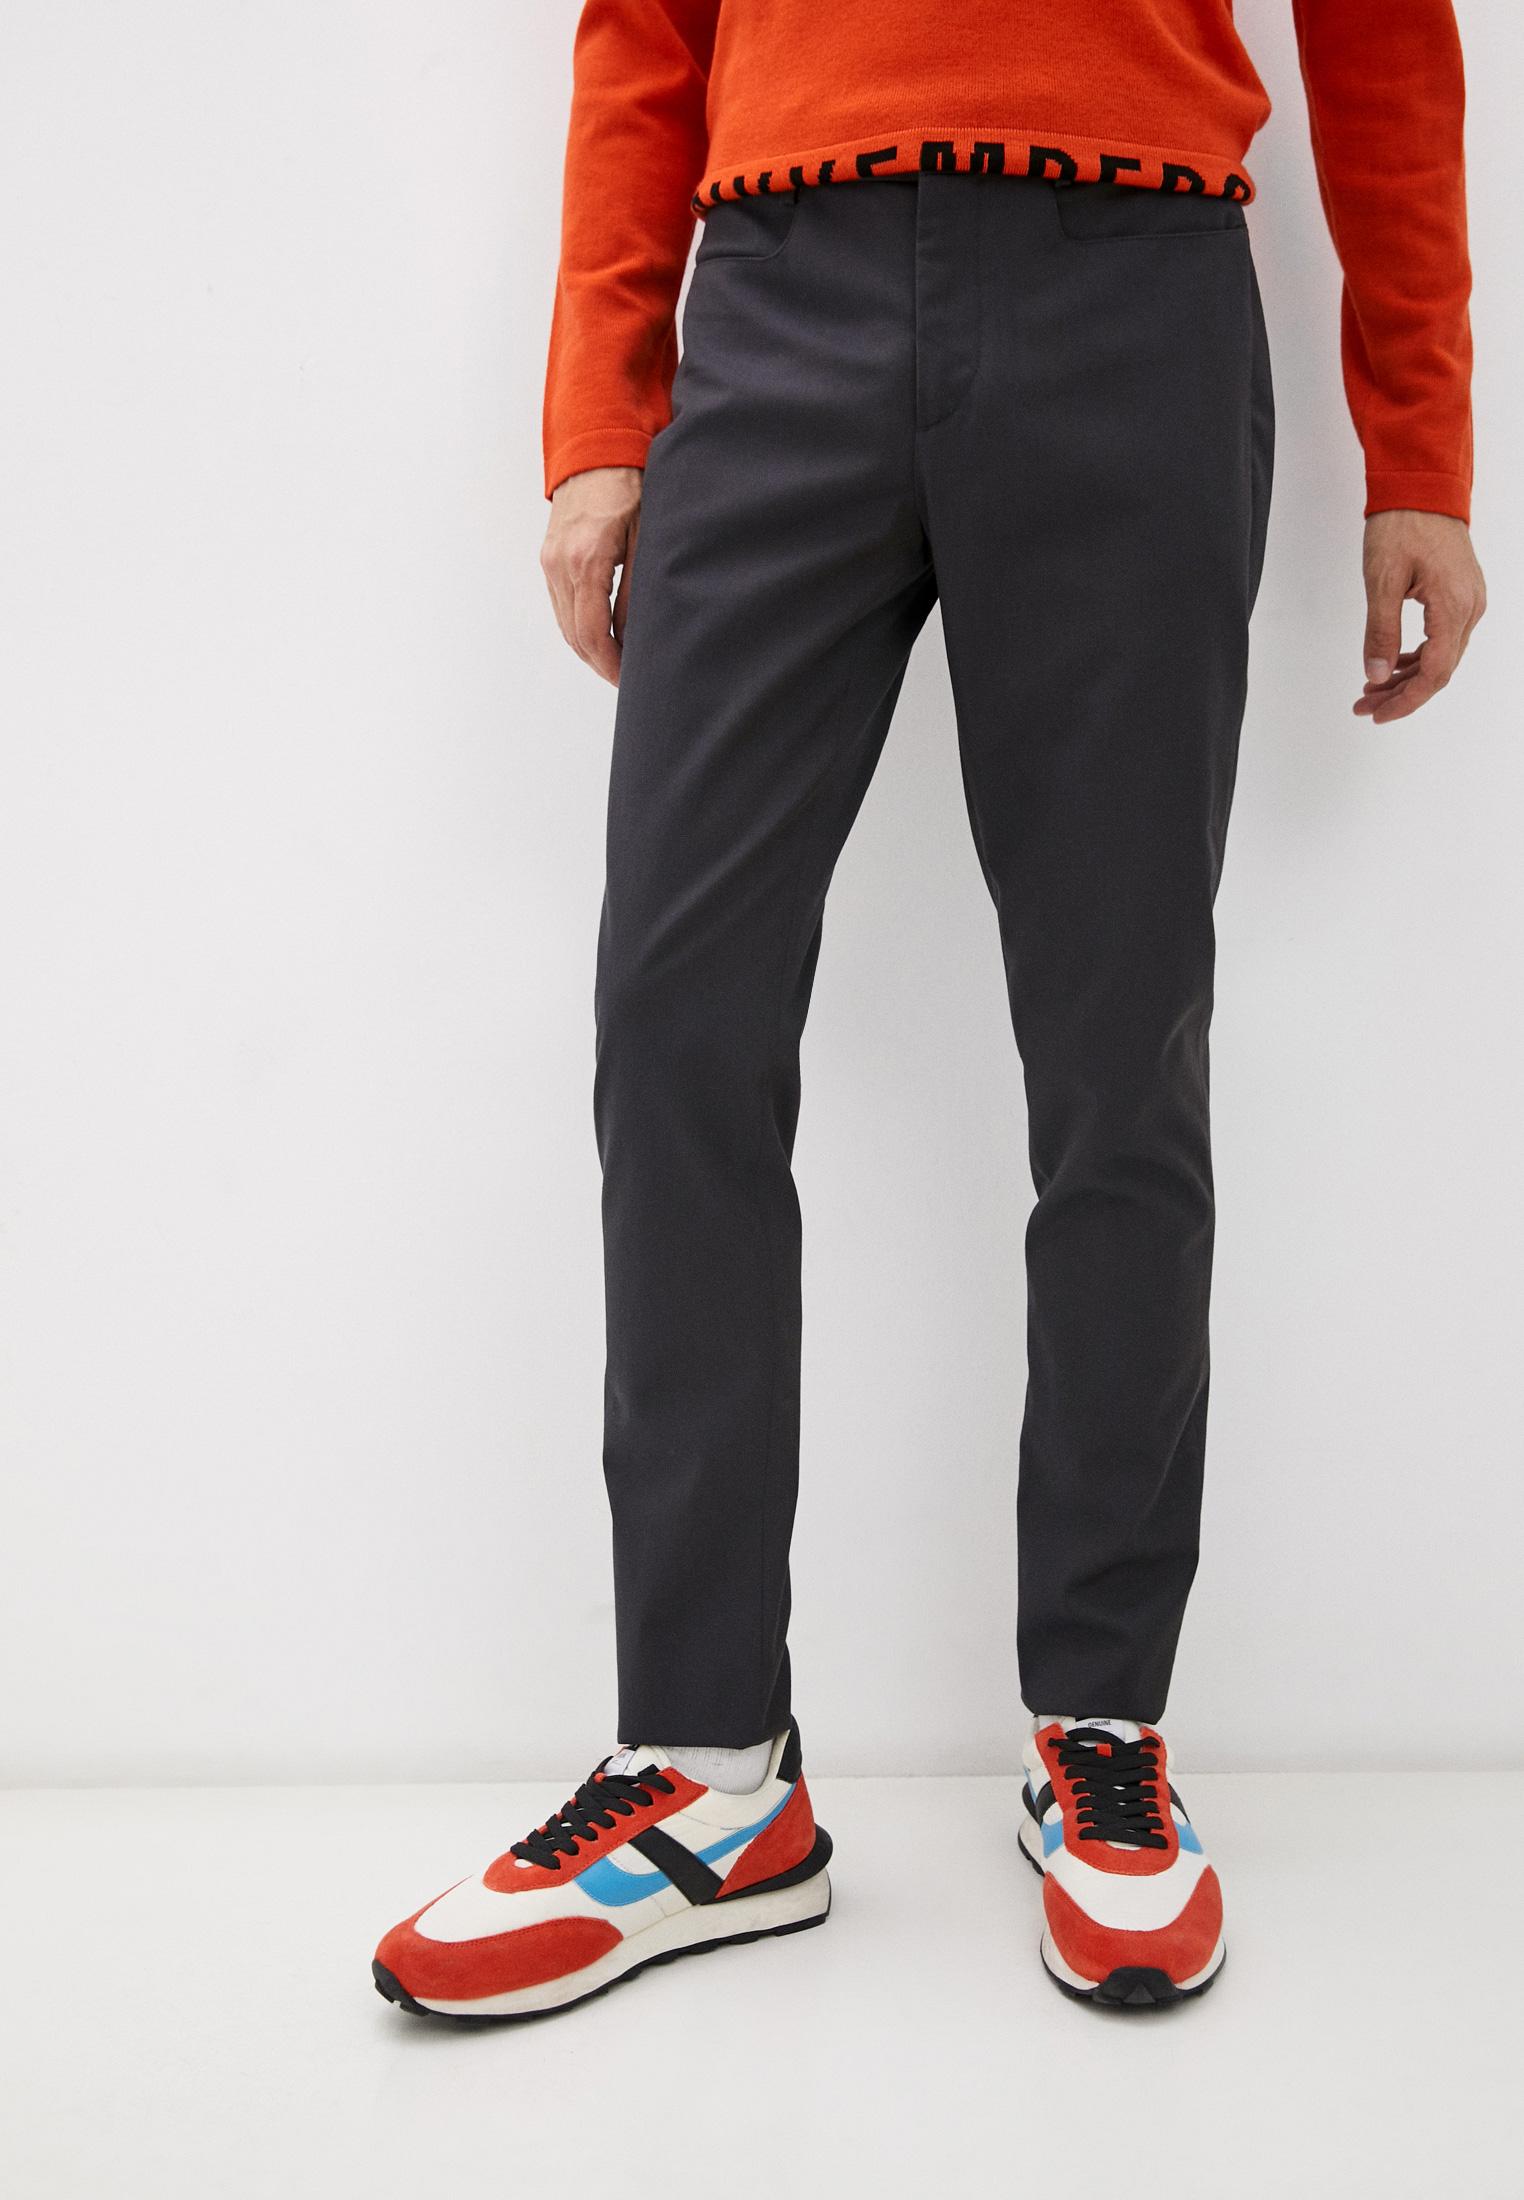 Мужские классические брюки Bikkembergs (Биккембергс) C P 005 00 S 2920